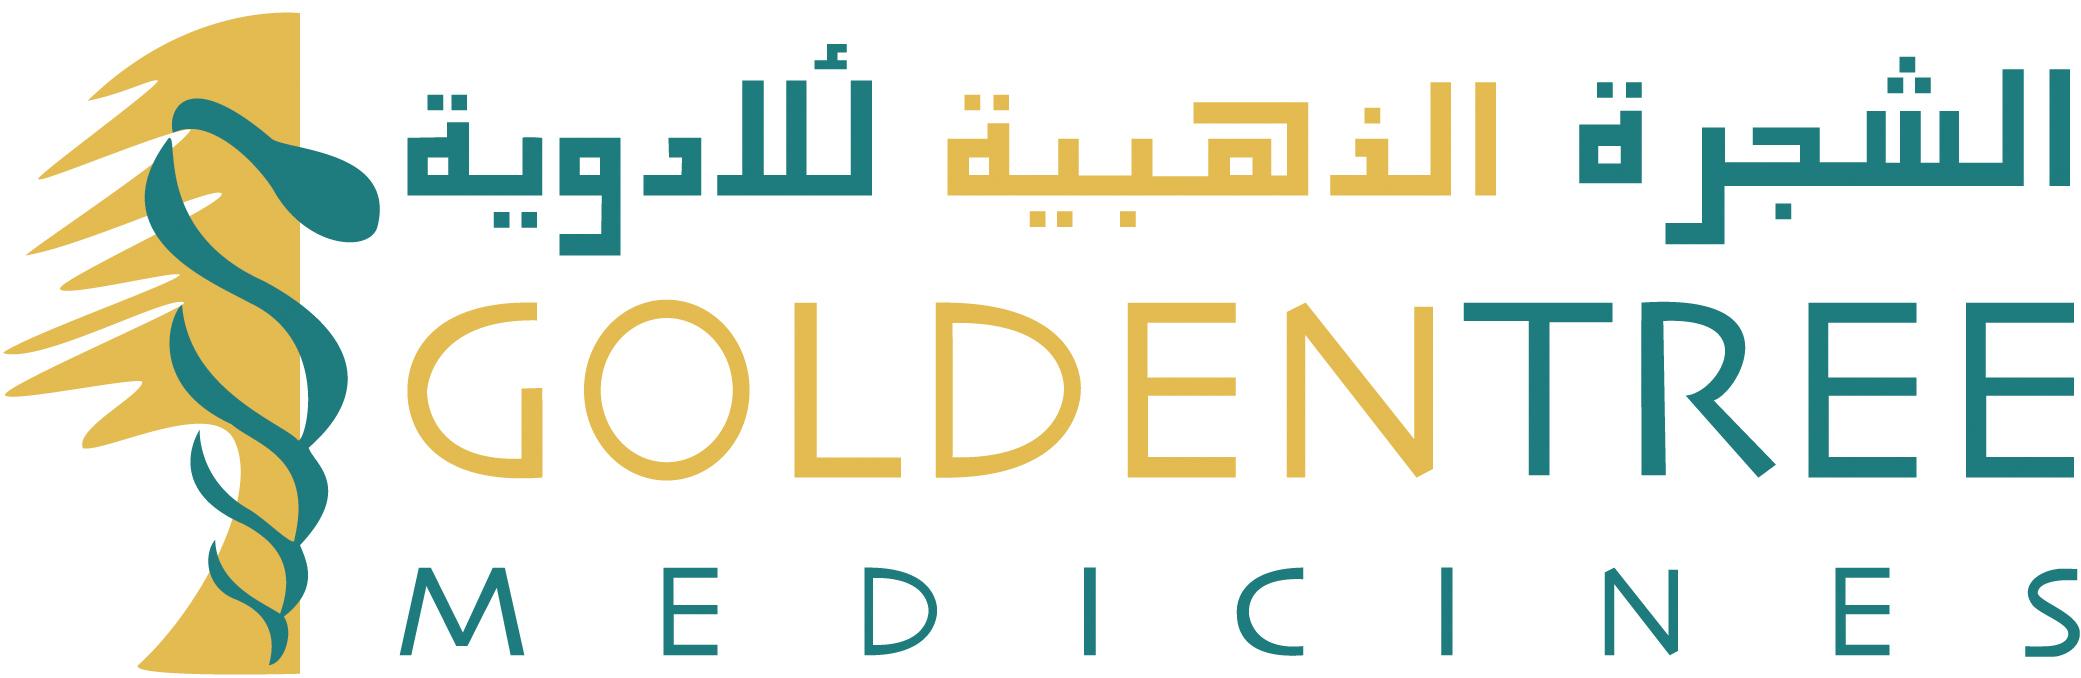 Golden Tree Medicines LLC